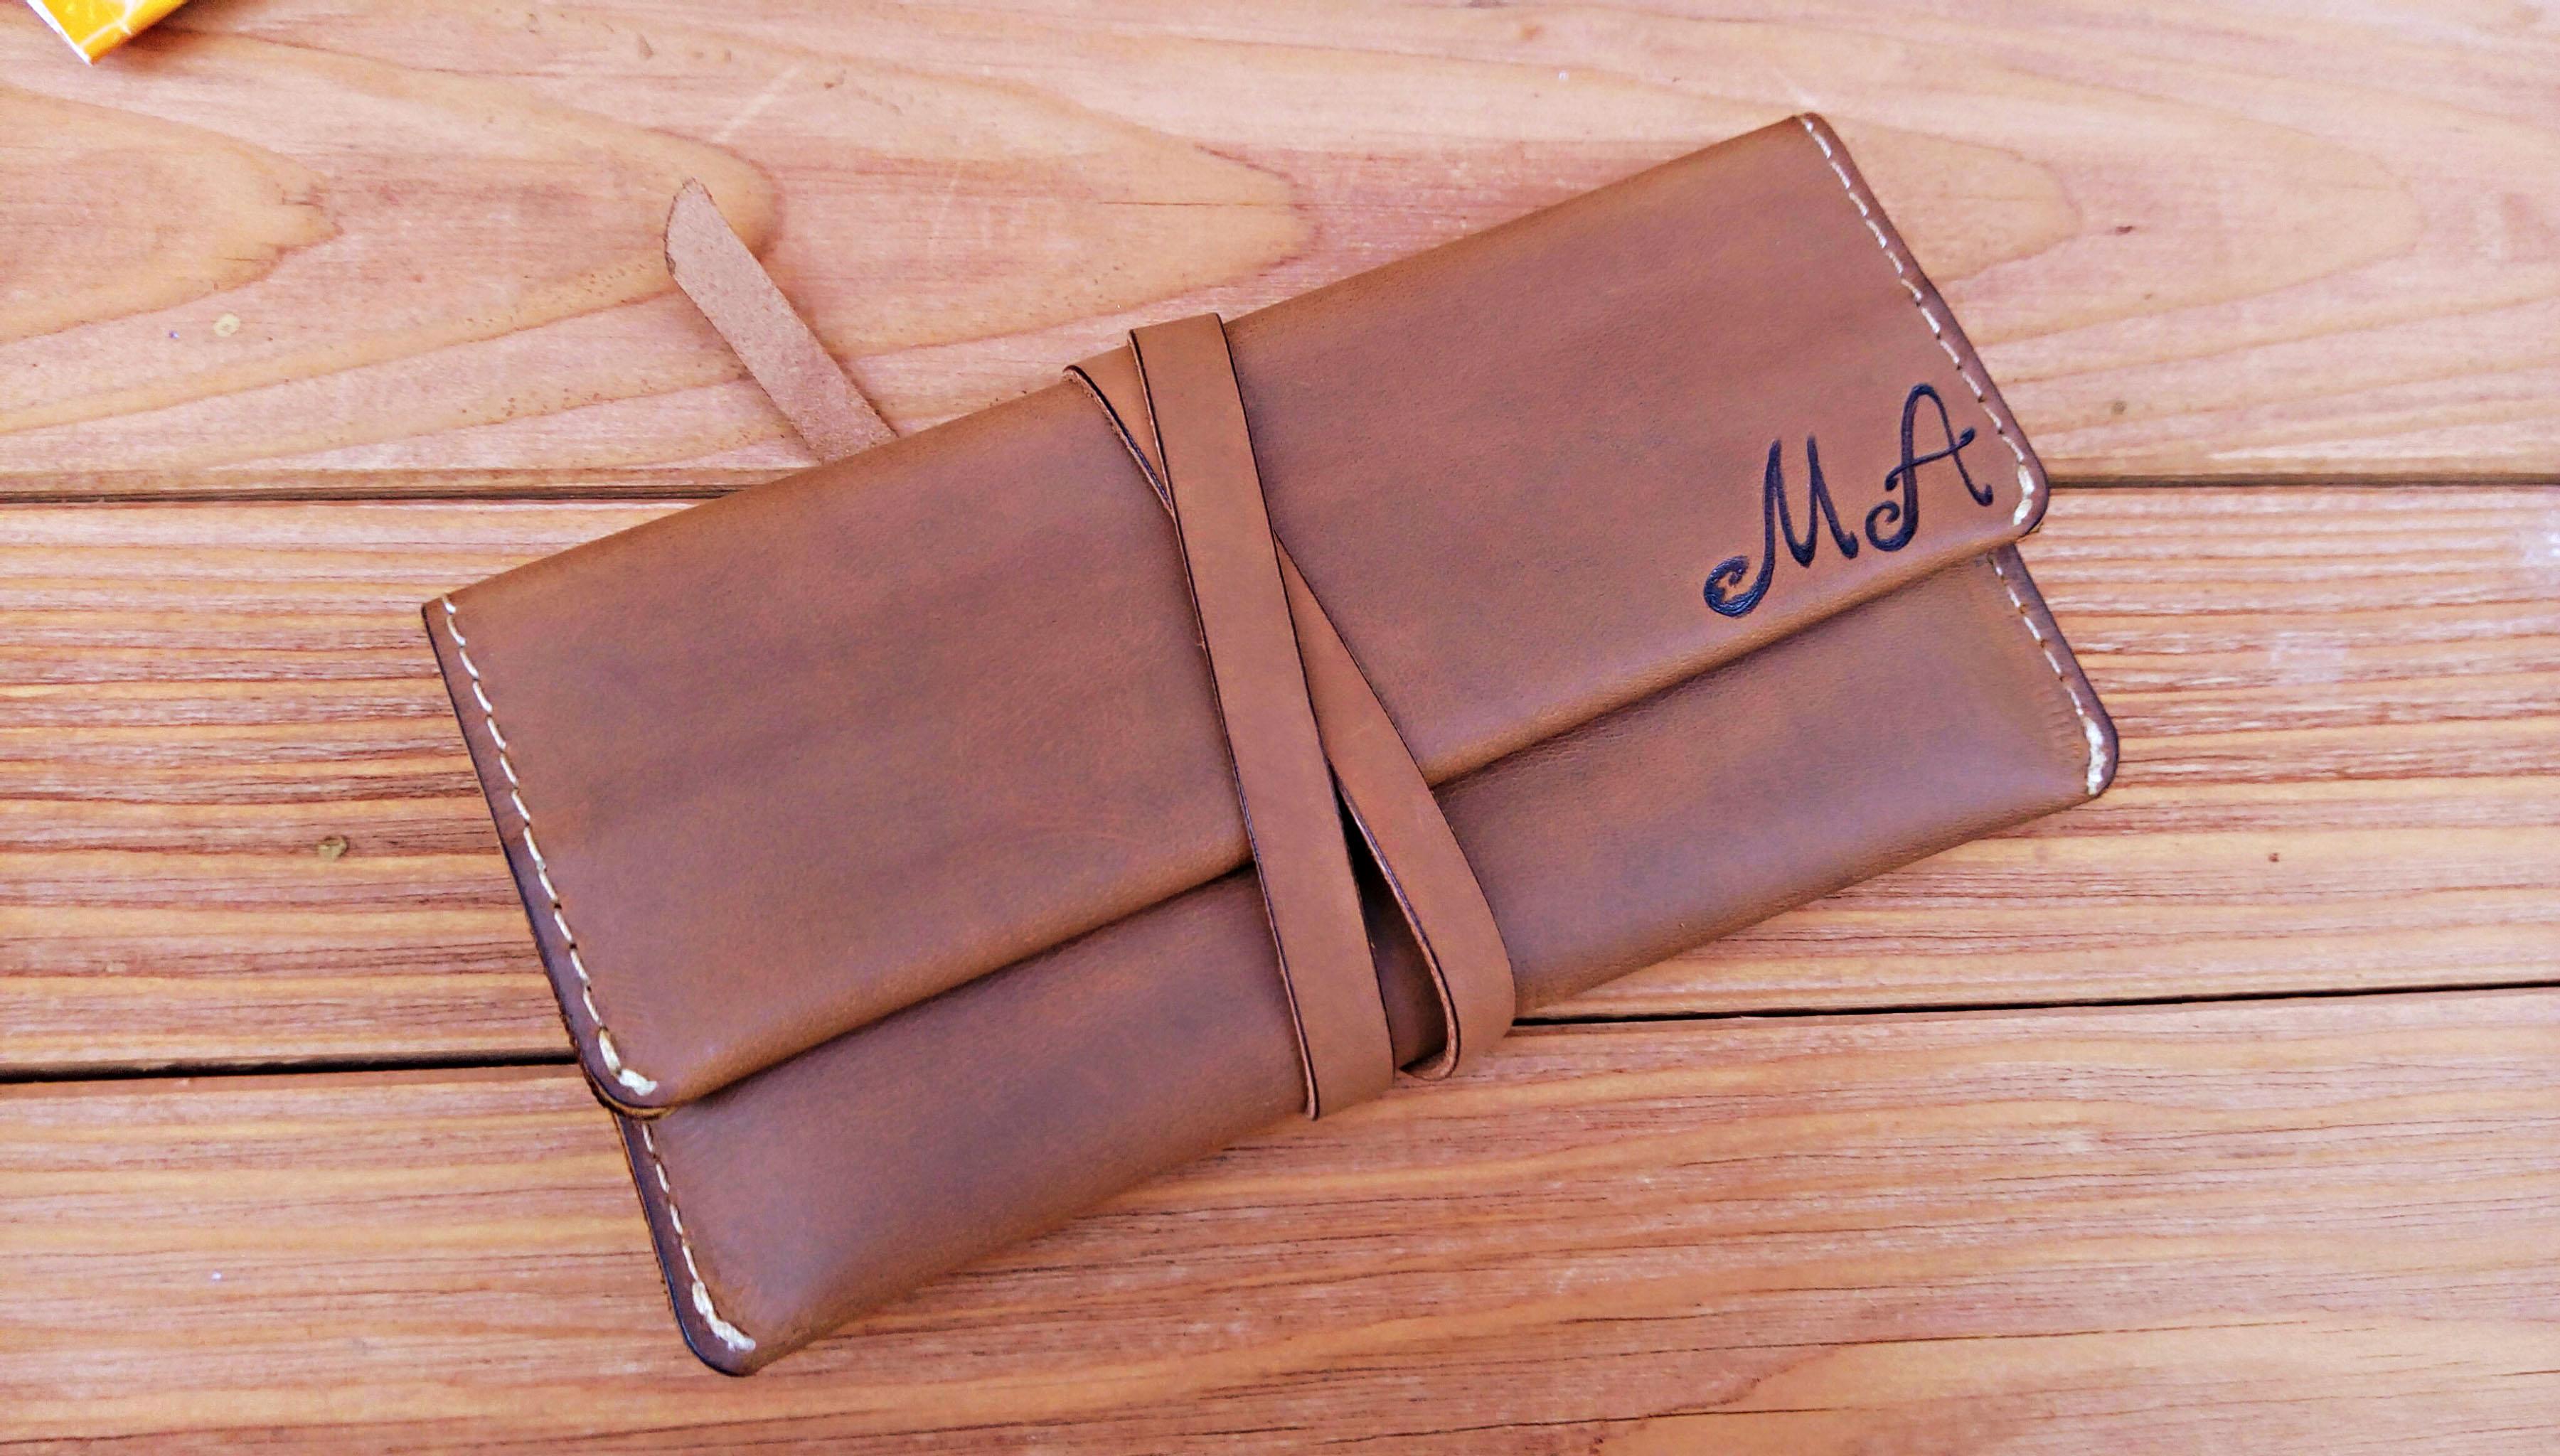 MBG by Hristo Voyvodov leather